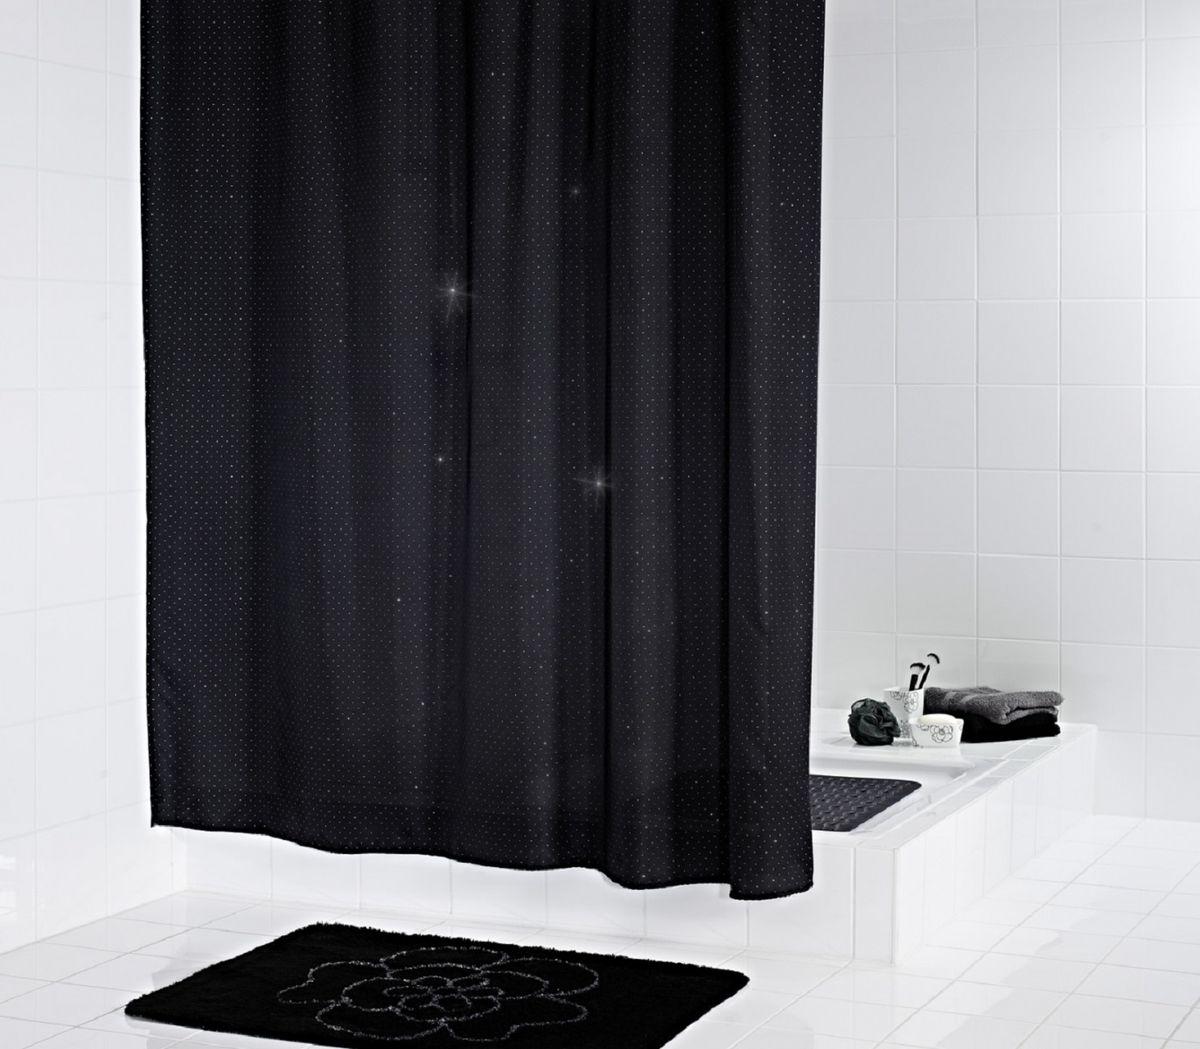 Штора для ванной комнаты Ridder Diamond, 180 х 200 см48300Высококачественная немецкая шторка Ridder Diamond создаст прекрасное настроение в ванной комнате. Данное изделие имеет антигрибковое, водоотталкивающее и антистатическое покрытие и утяжеленный нижний кант. Машинная стирка. Глажка при низкой температуре.